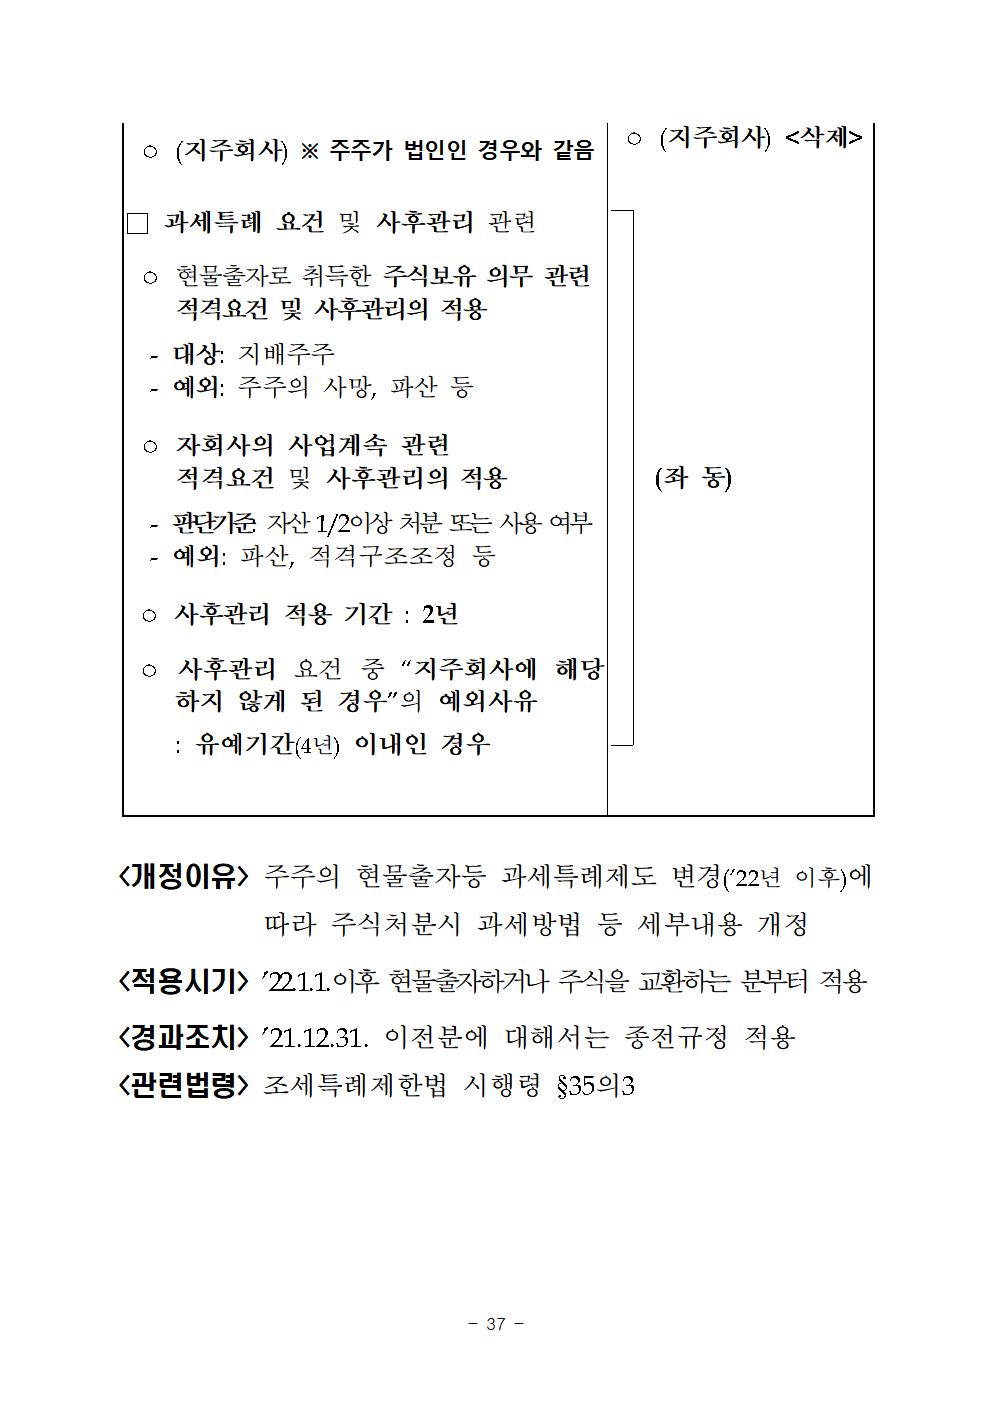 2019년세법개정내용(양도소득세분야)042.png